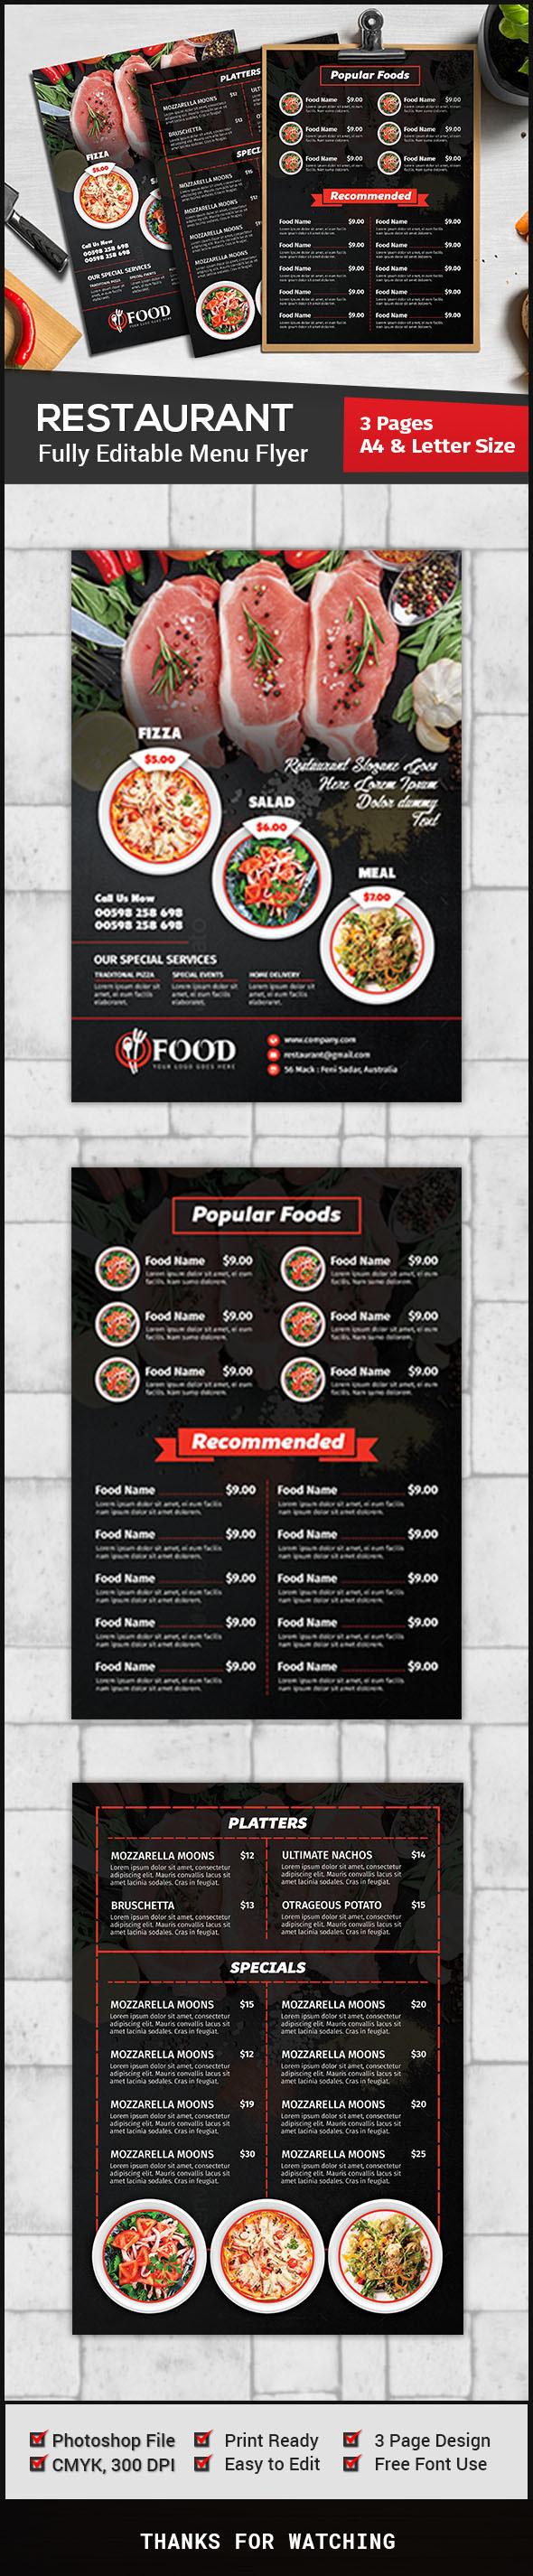 restaurant menu flyer template on behance